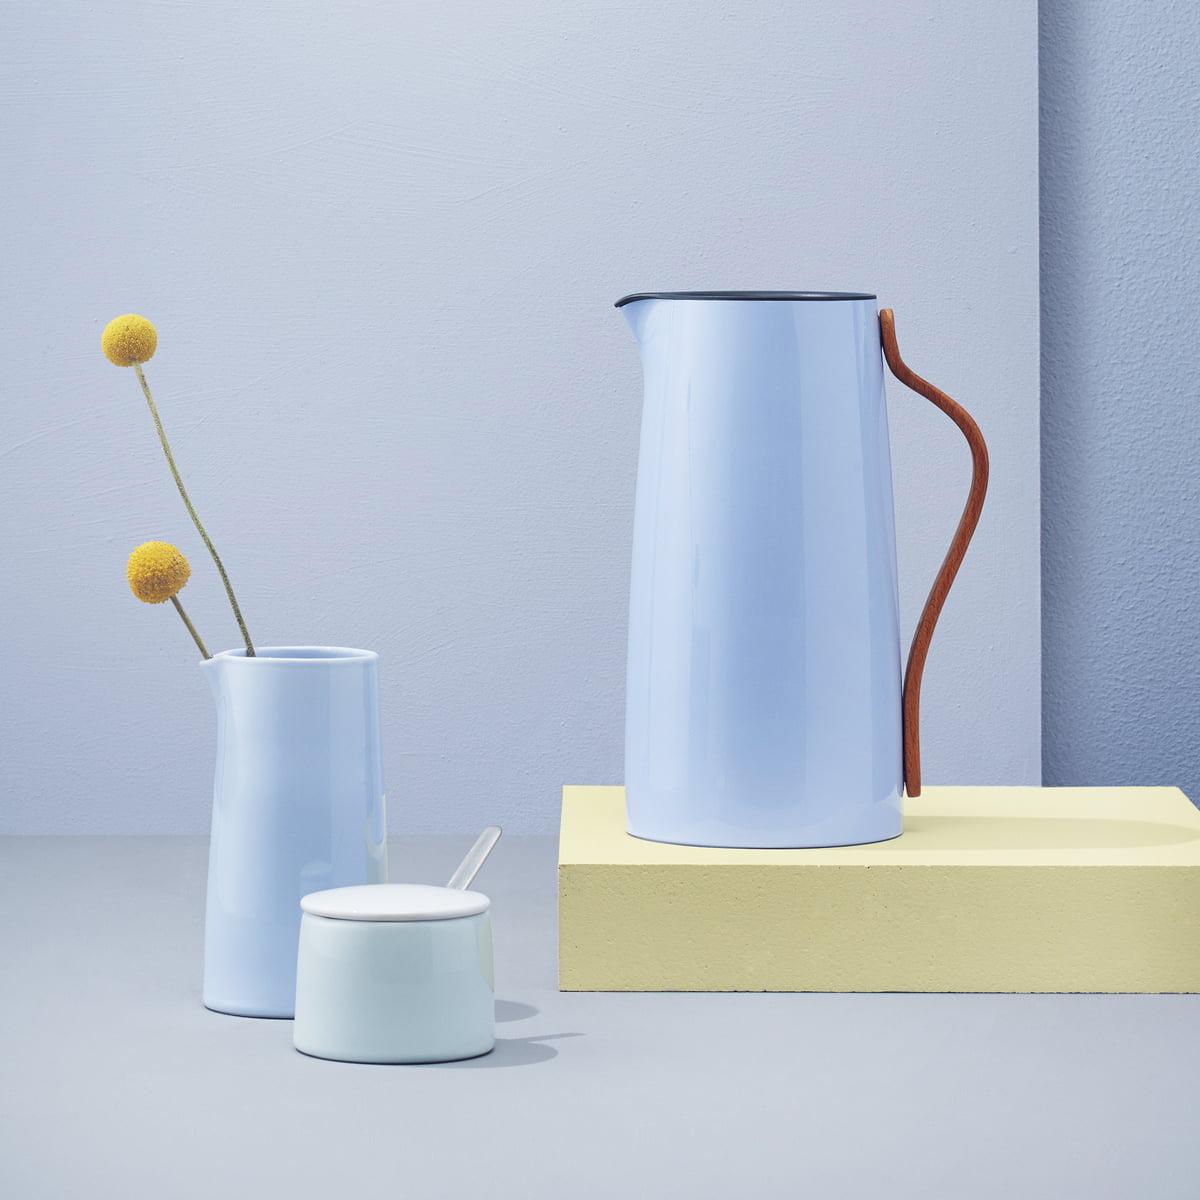 stelton isolierkannen 1 0 l in verschiedenen farben bei nennmann form und funktion. Black Bedroom Furniture Sets. Home Design Ideas